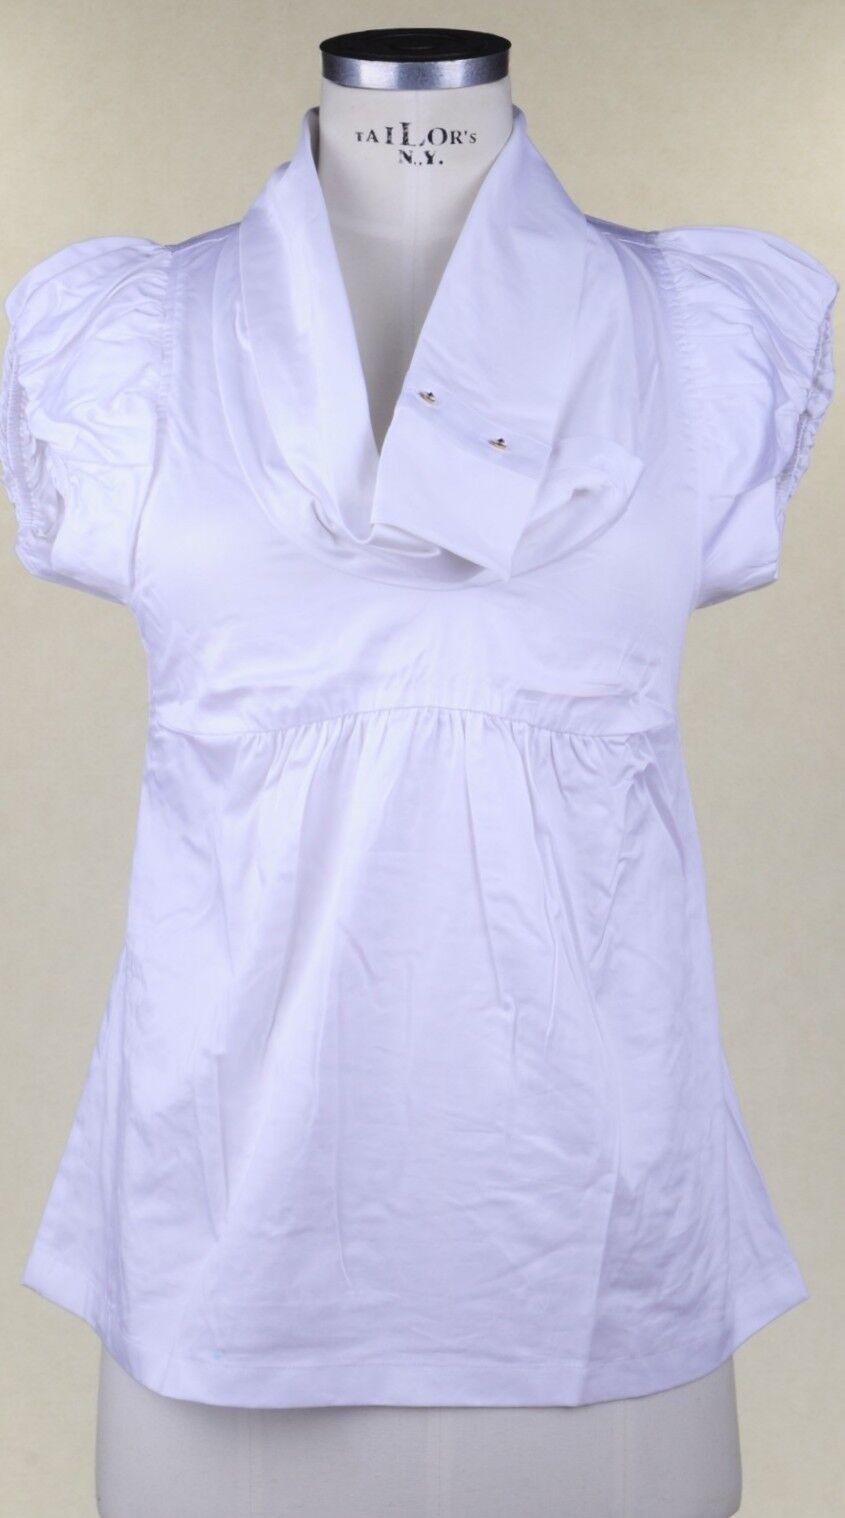 TG. TG. TG. Formato del Collare: 38  Casamoda 006550, Camicia Uomo, Grigio  B3z  c38a3c